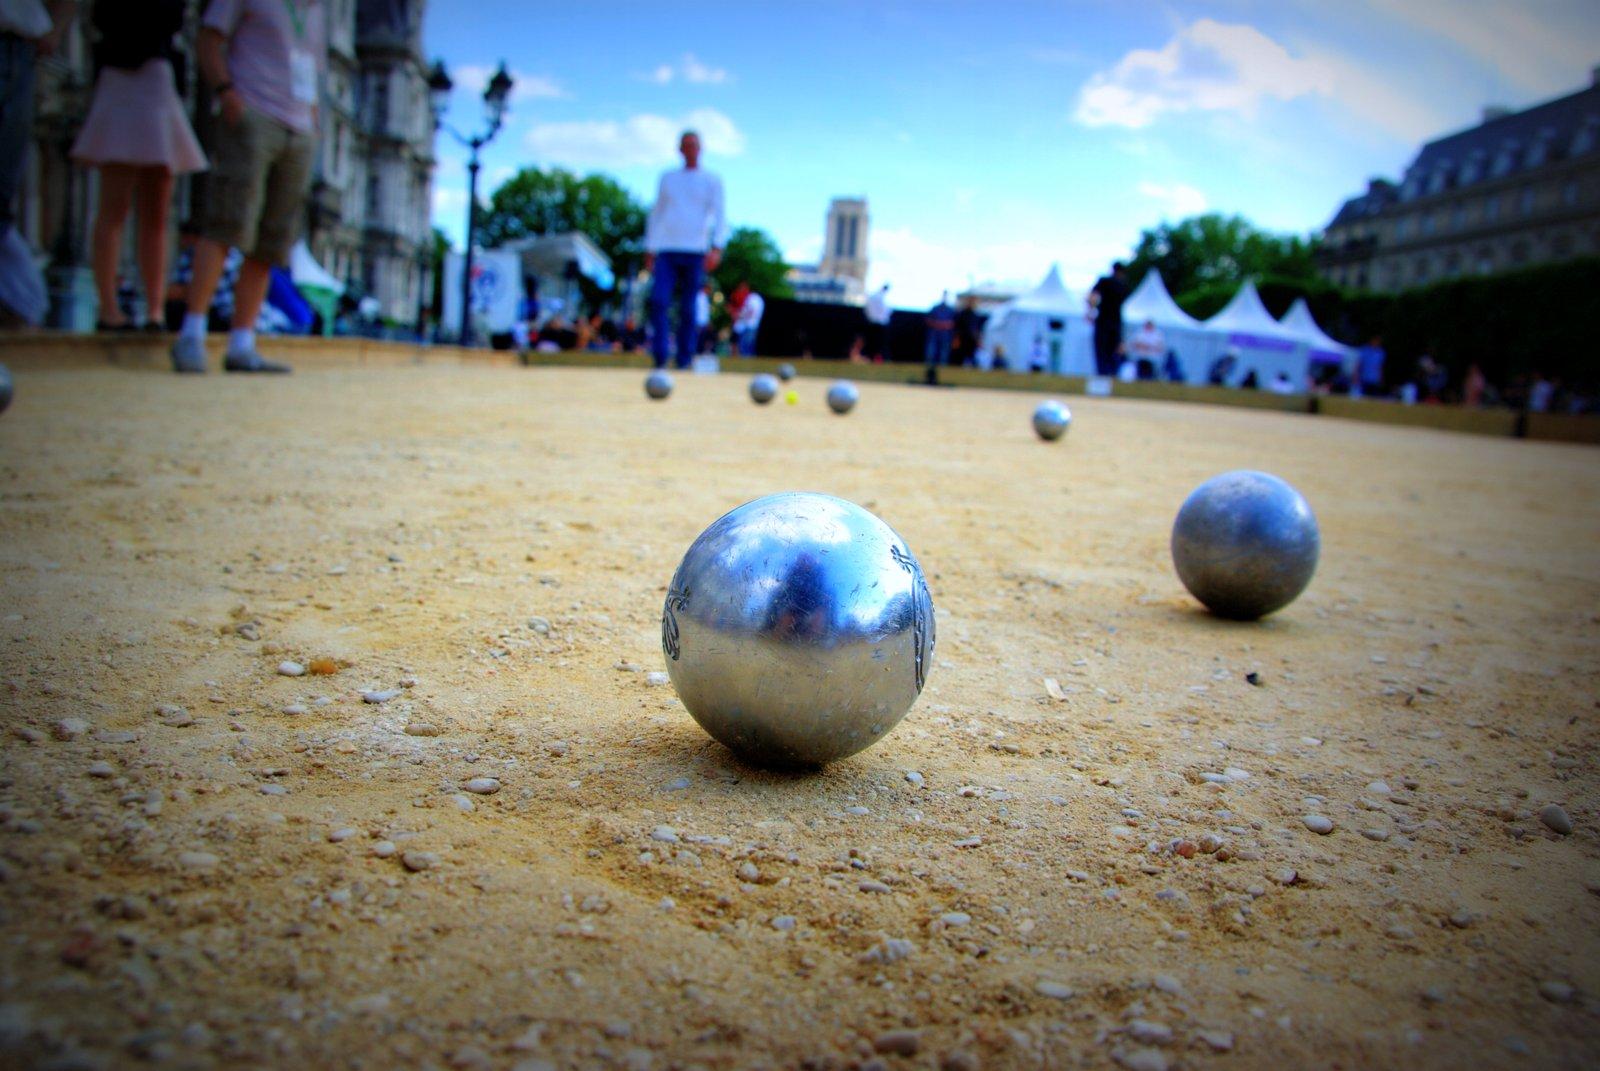 Tirage championnat doublette mixte comit de petanque de for Nettoyer boule de petanque